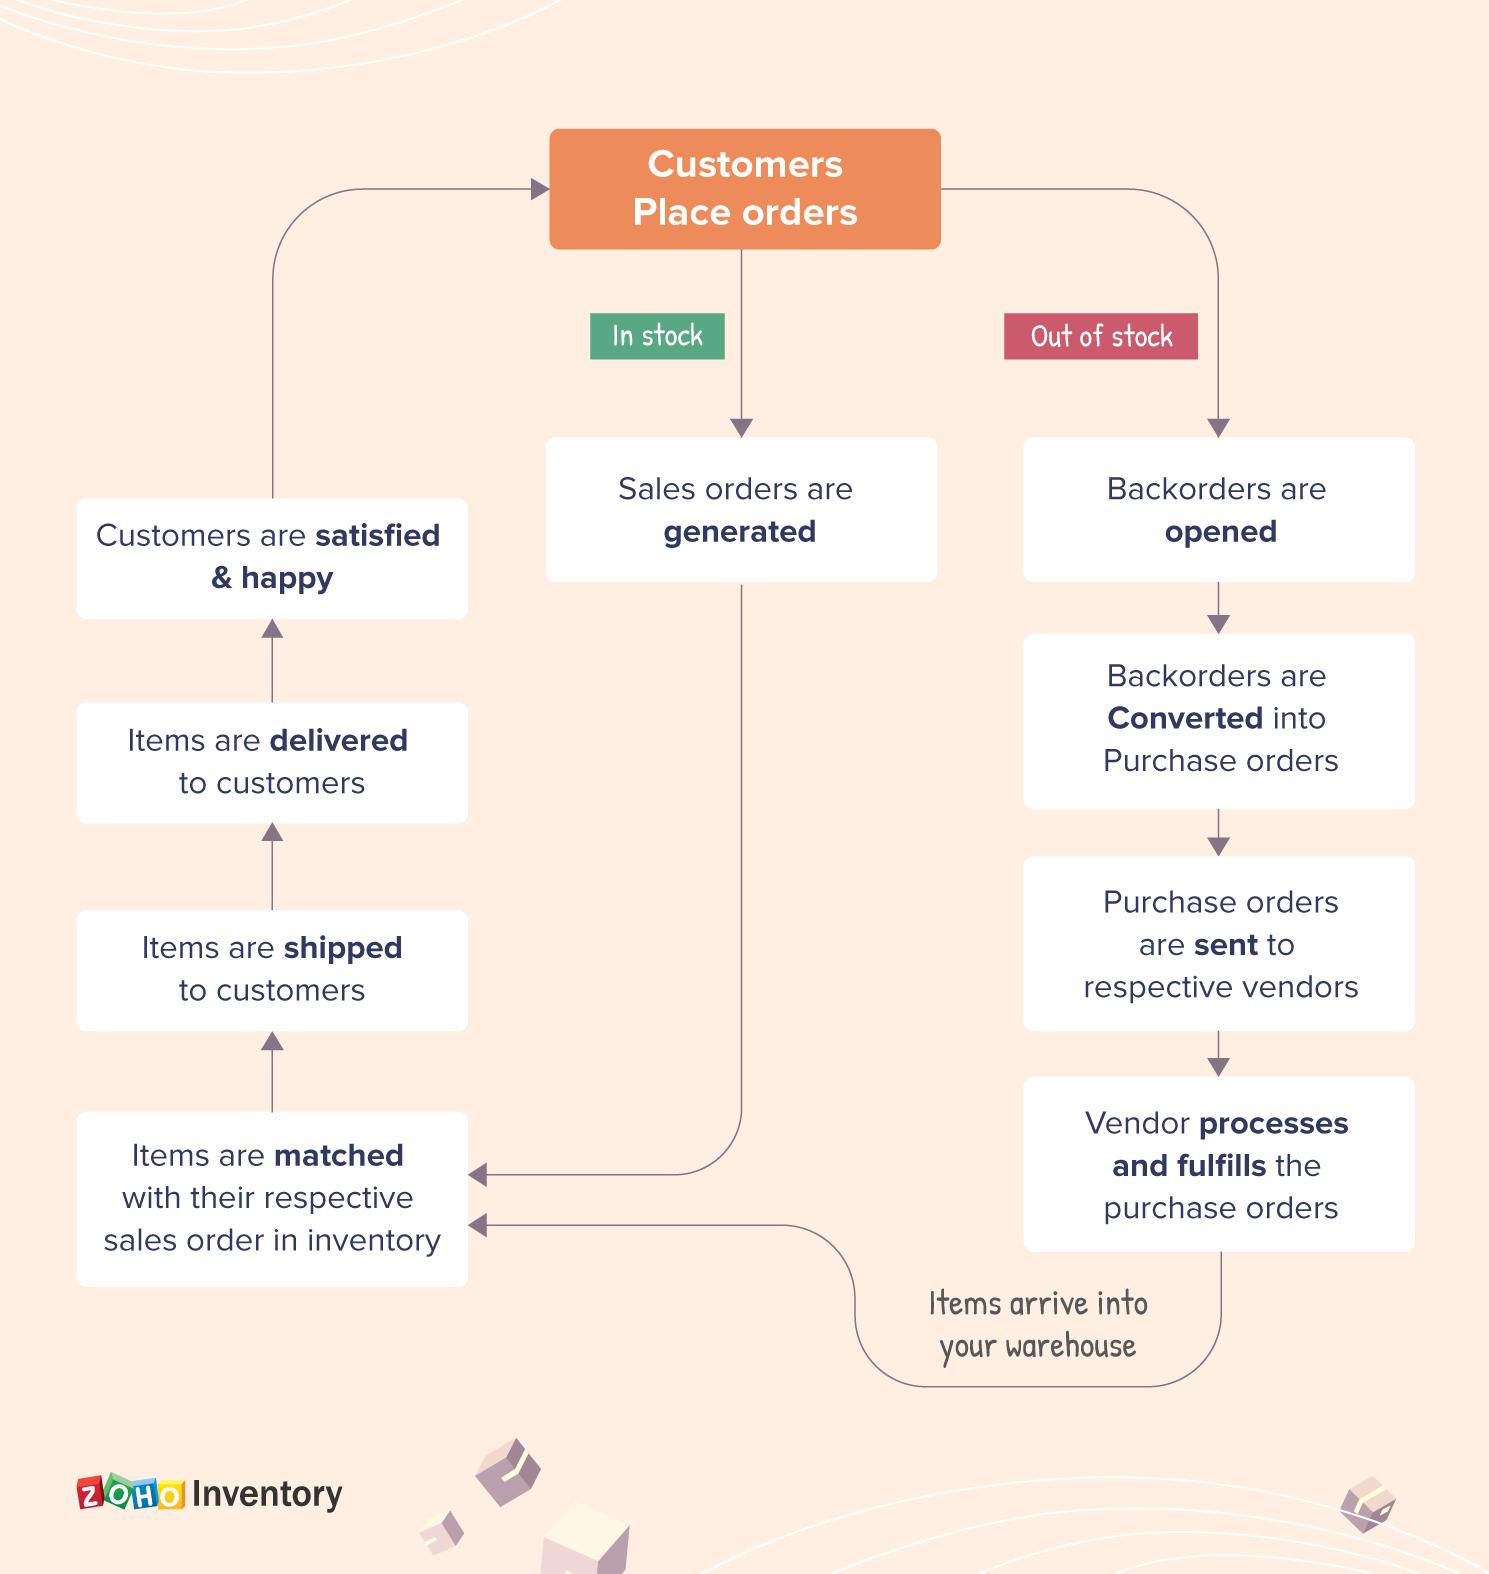 Backordering Workflow